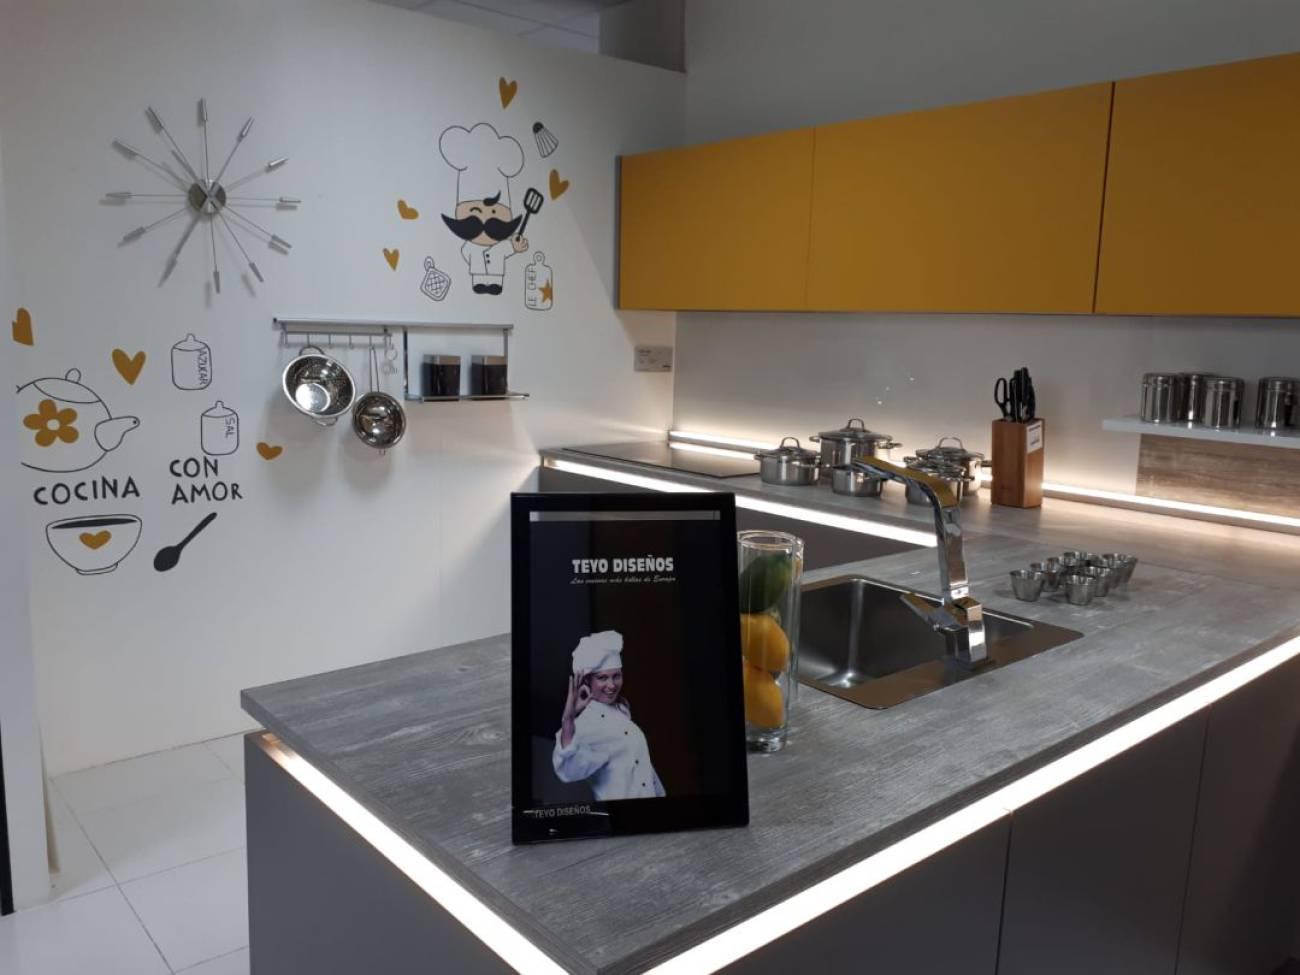 Teyo diseños, la cocina perfecta | Radio Bierzo | Cadena SER